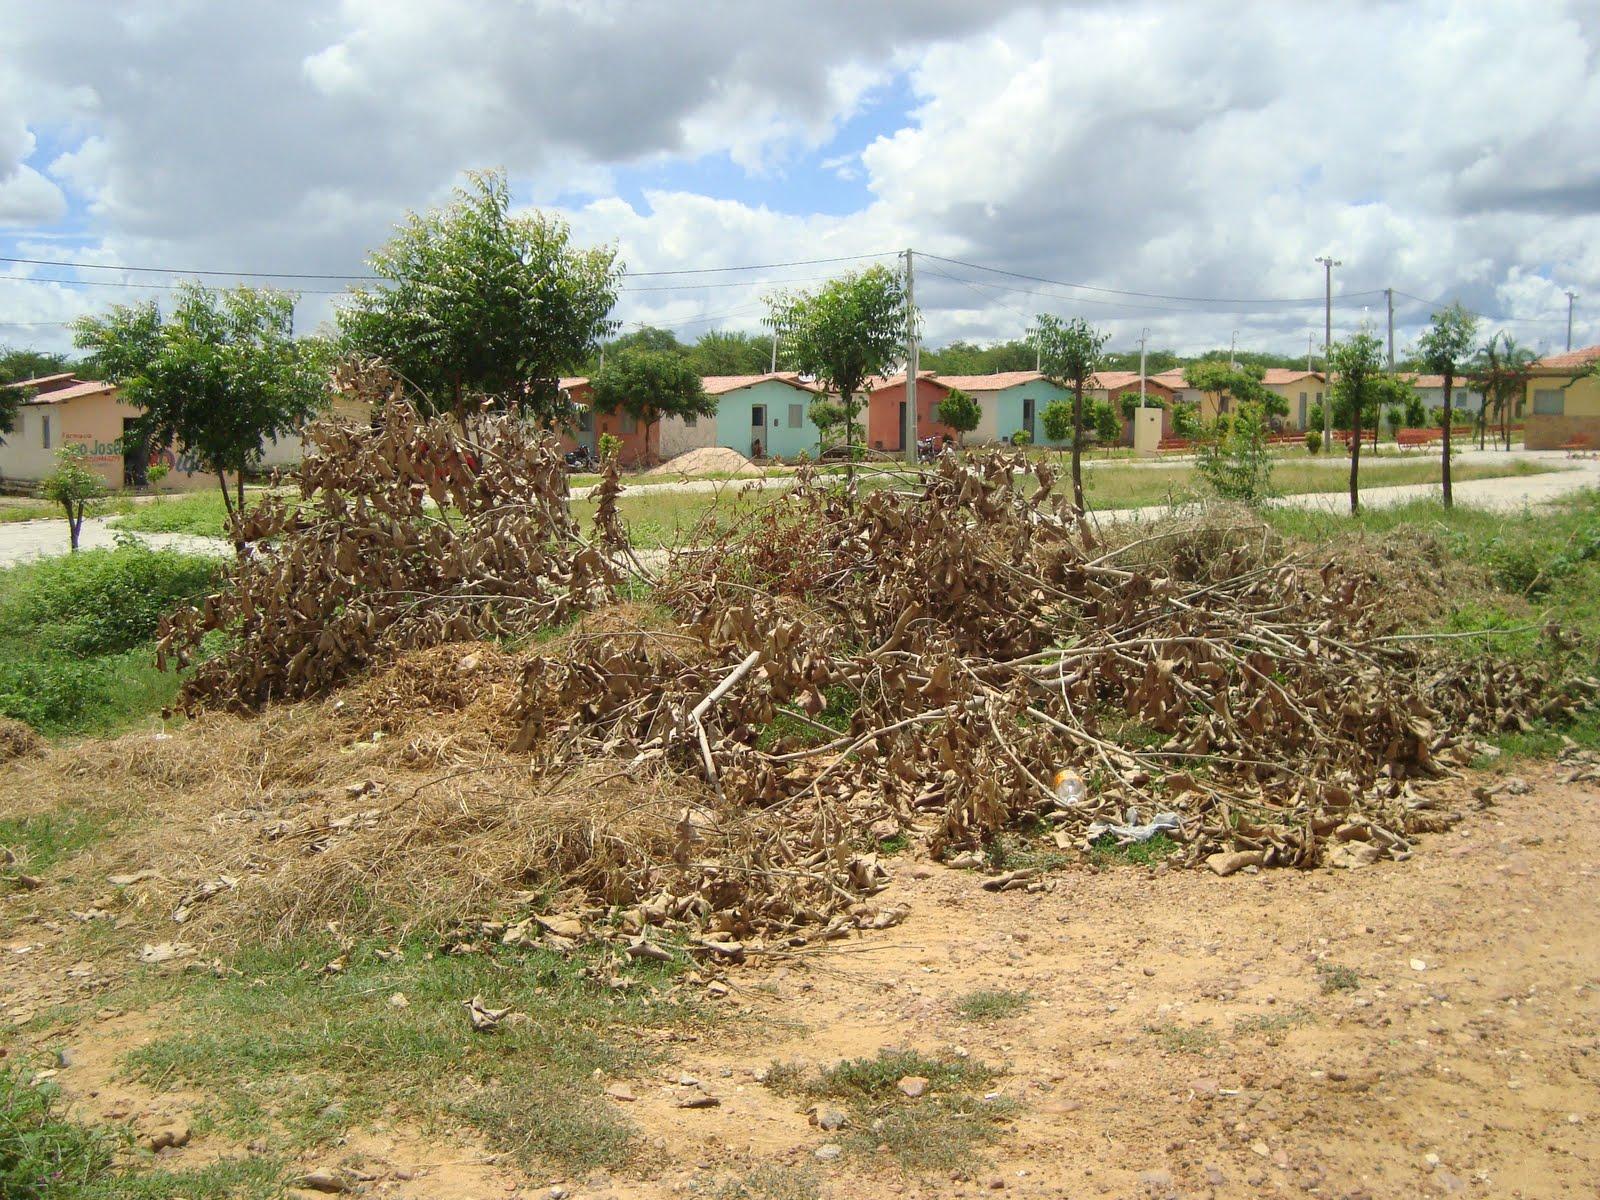 Esta é a Situação da Praça Dr. Luiz Gonzaga dos SAntos no Conjunto  #987133 1600x1200 Banheiro Com Cheiro De Esgoto